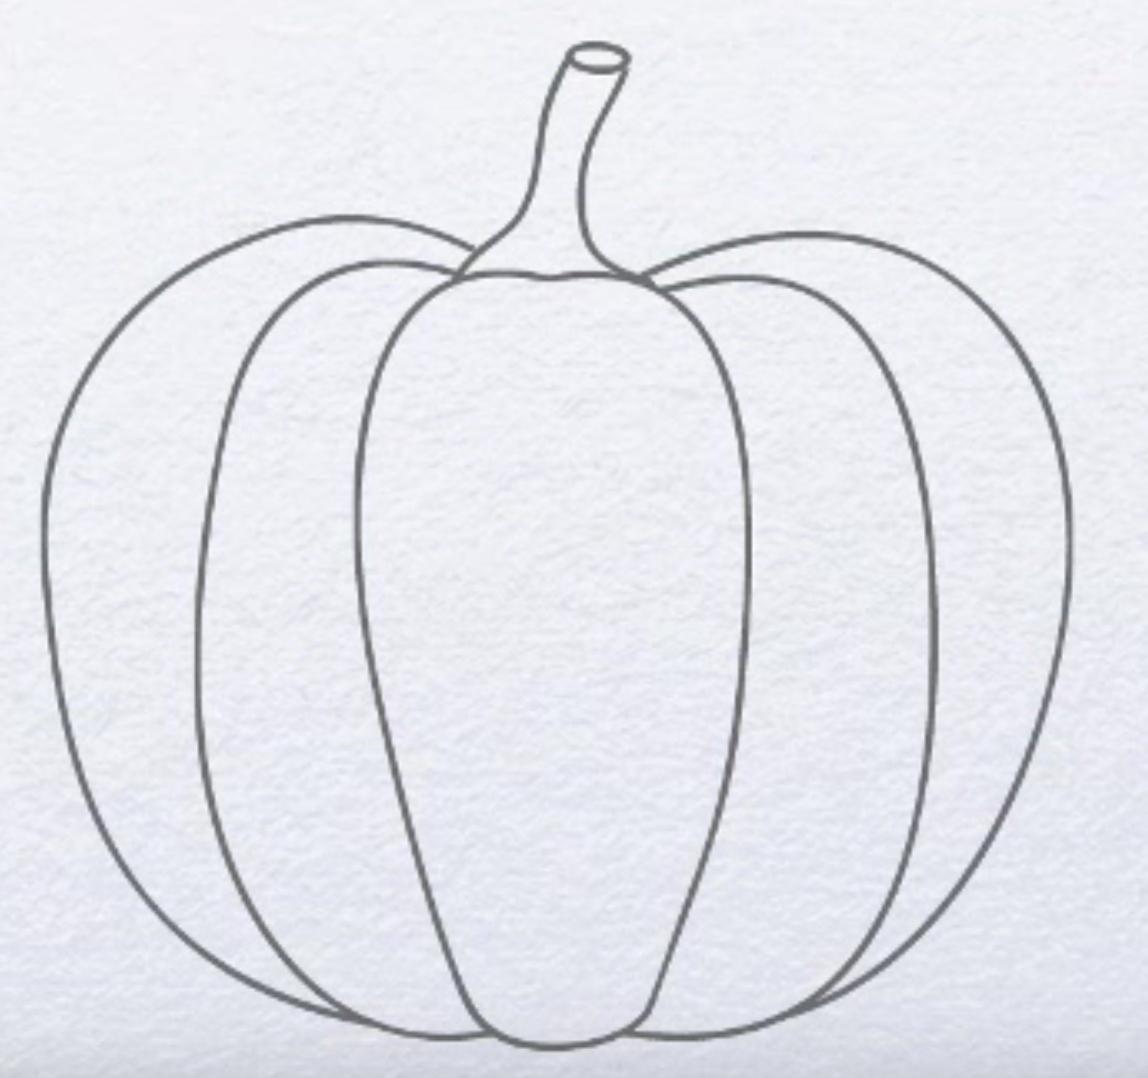 Tırnaklarınıza evde basit bir çizim nasıl yapılır